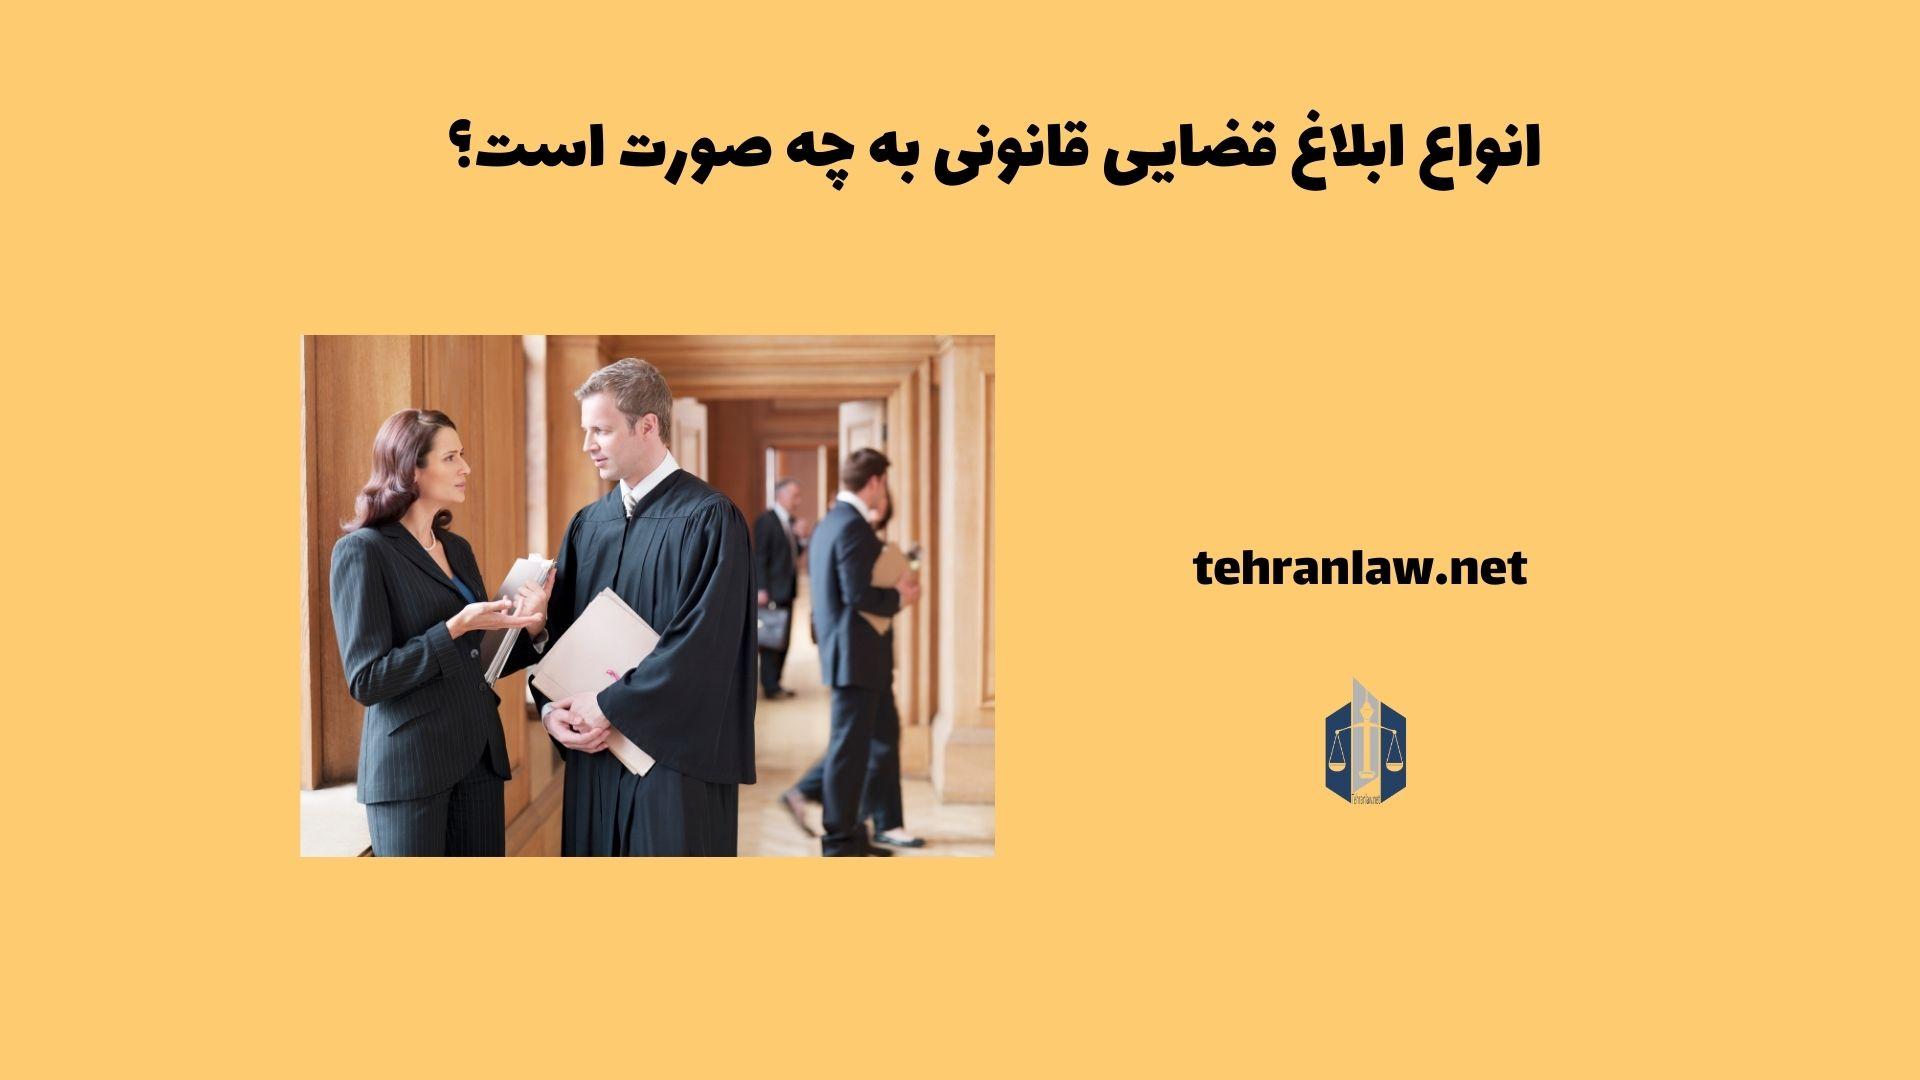 انواع ابلاغ قضایی قانونی به چه صورت است؟